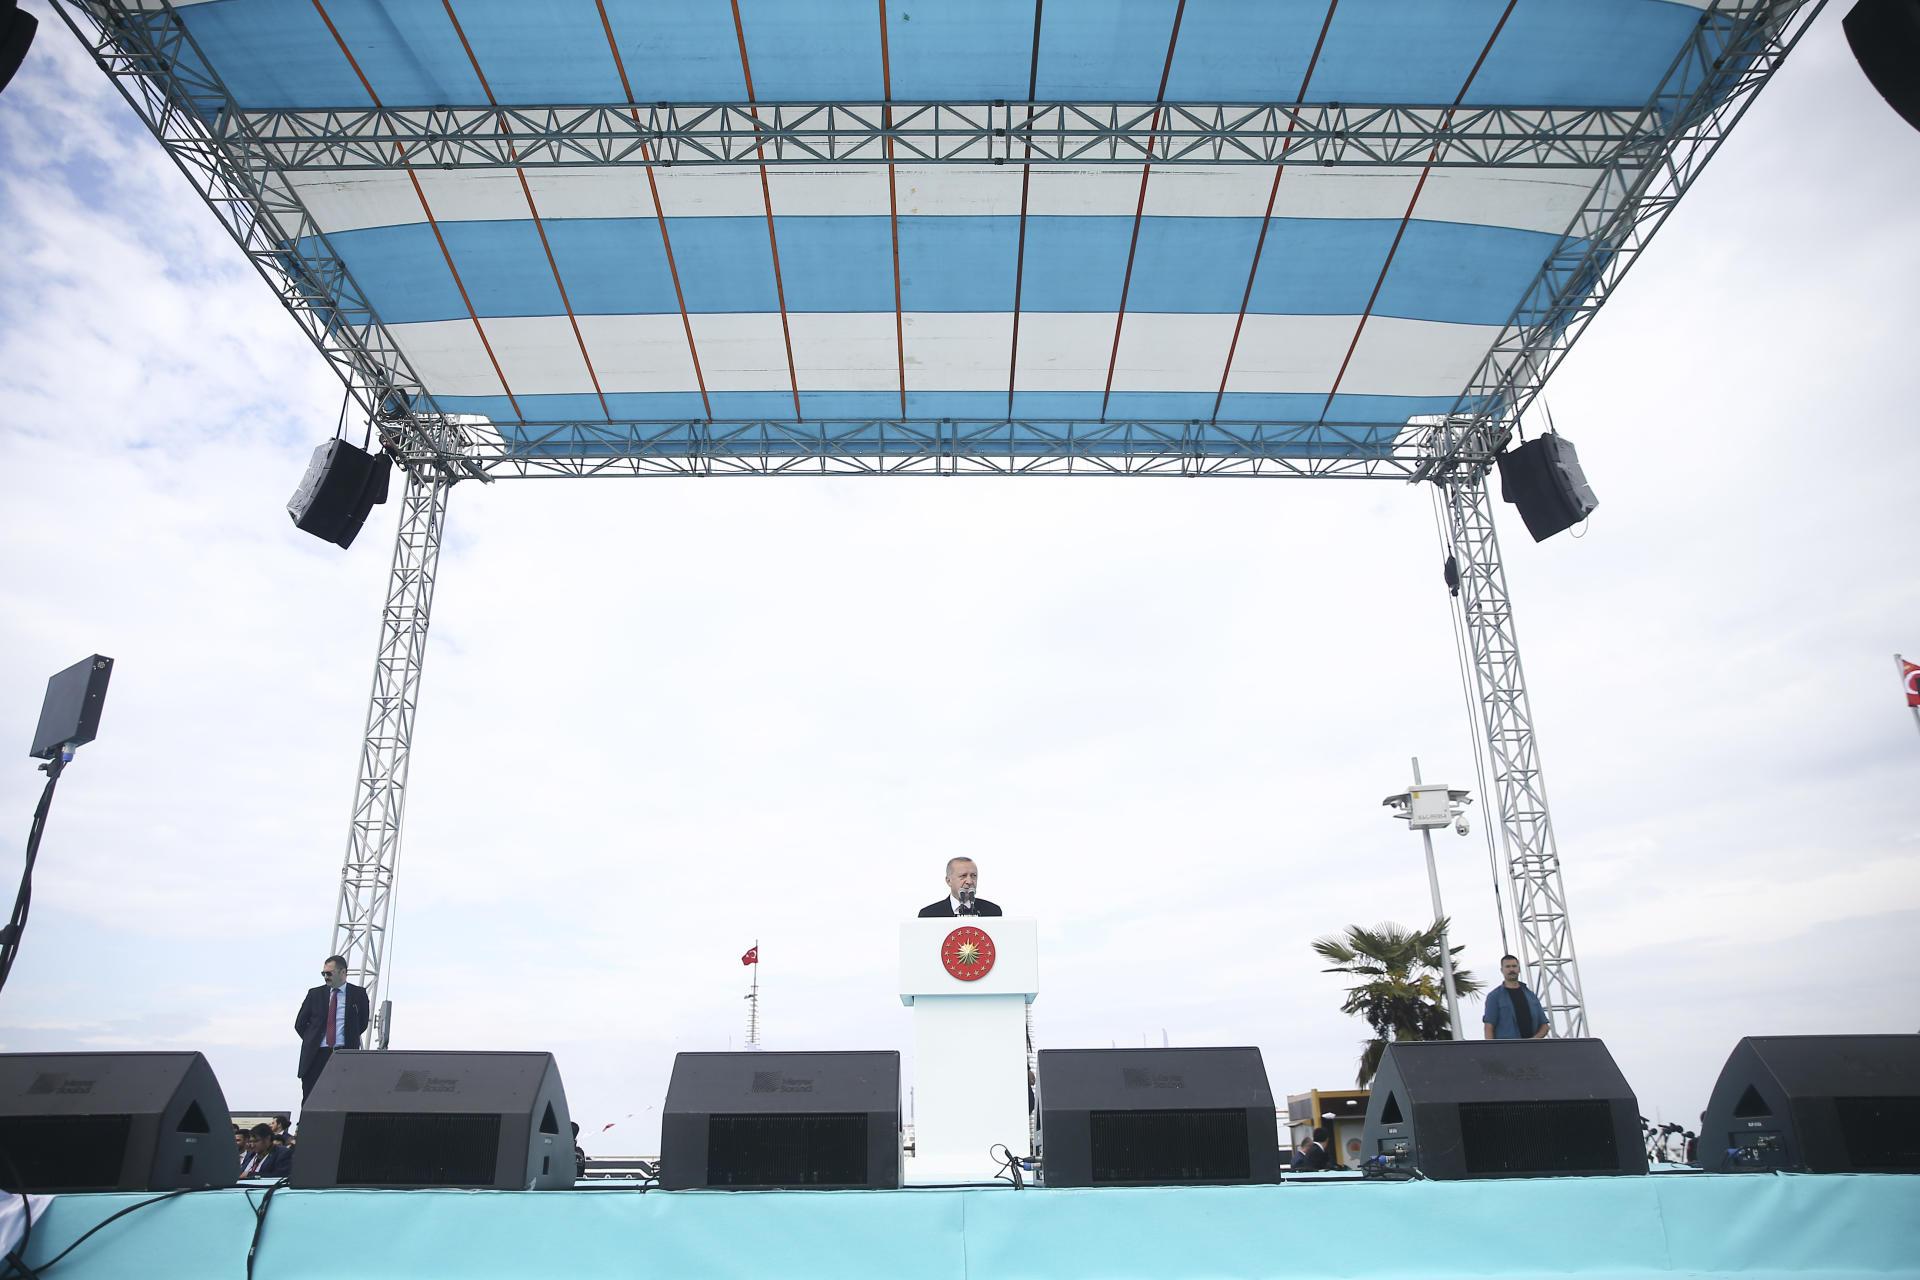 Турки на измену ответили лишь переселением - Эрдоган